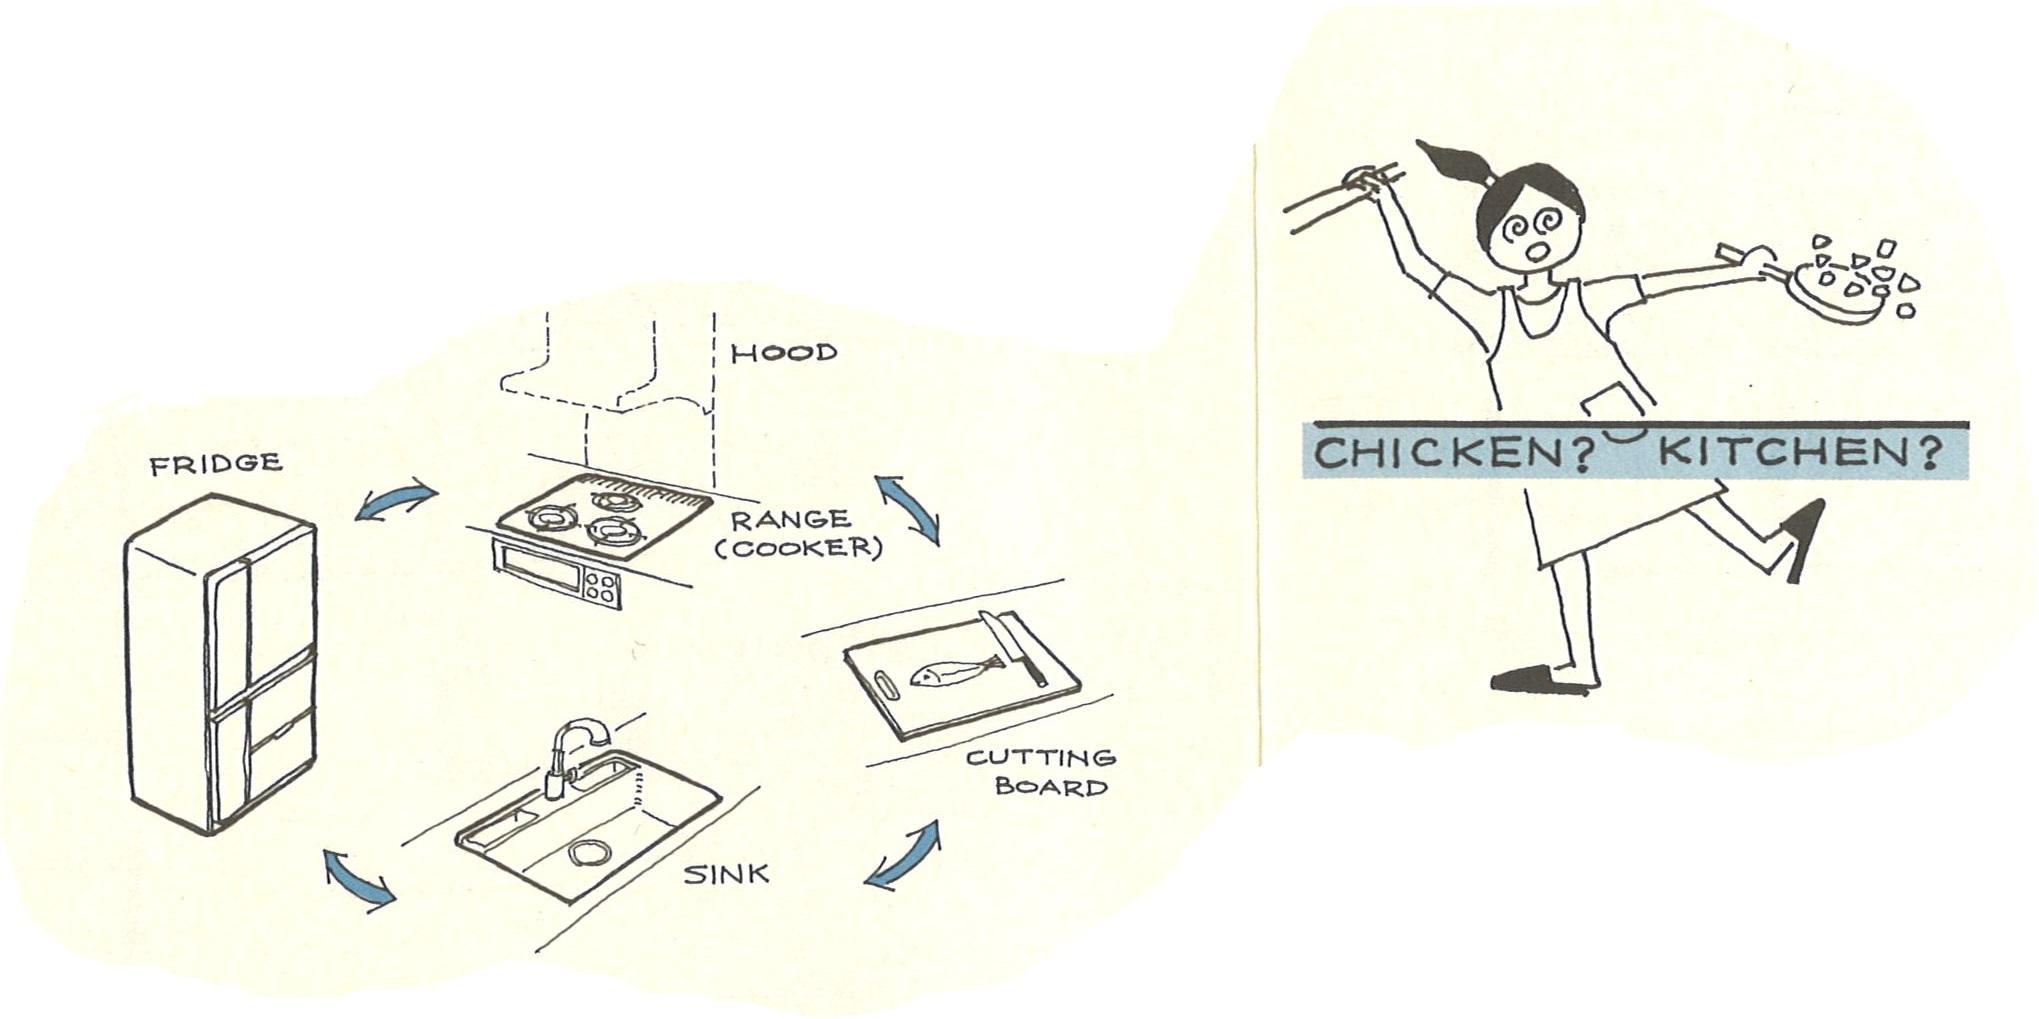 キッチン設備の流れ